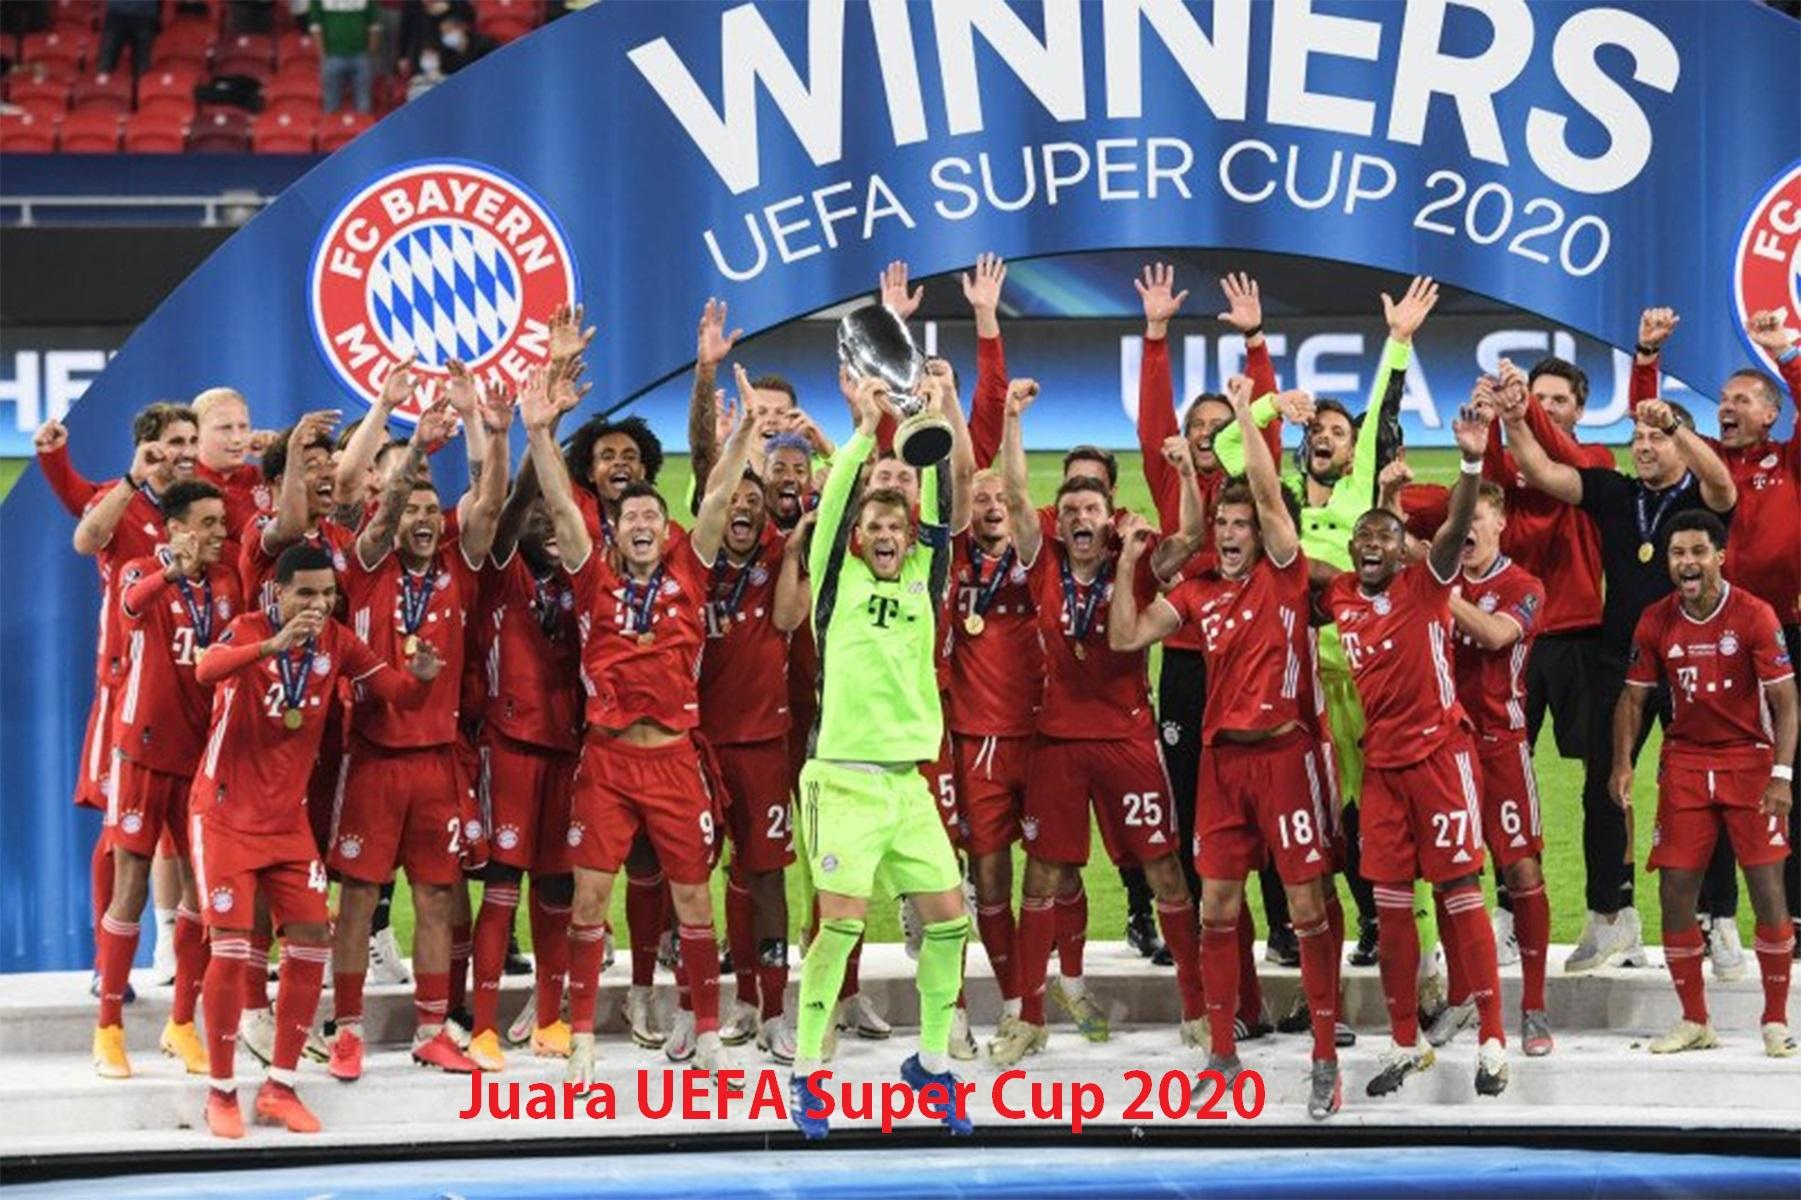 Juara UEFA Super Cup 2020